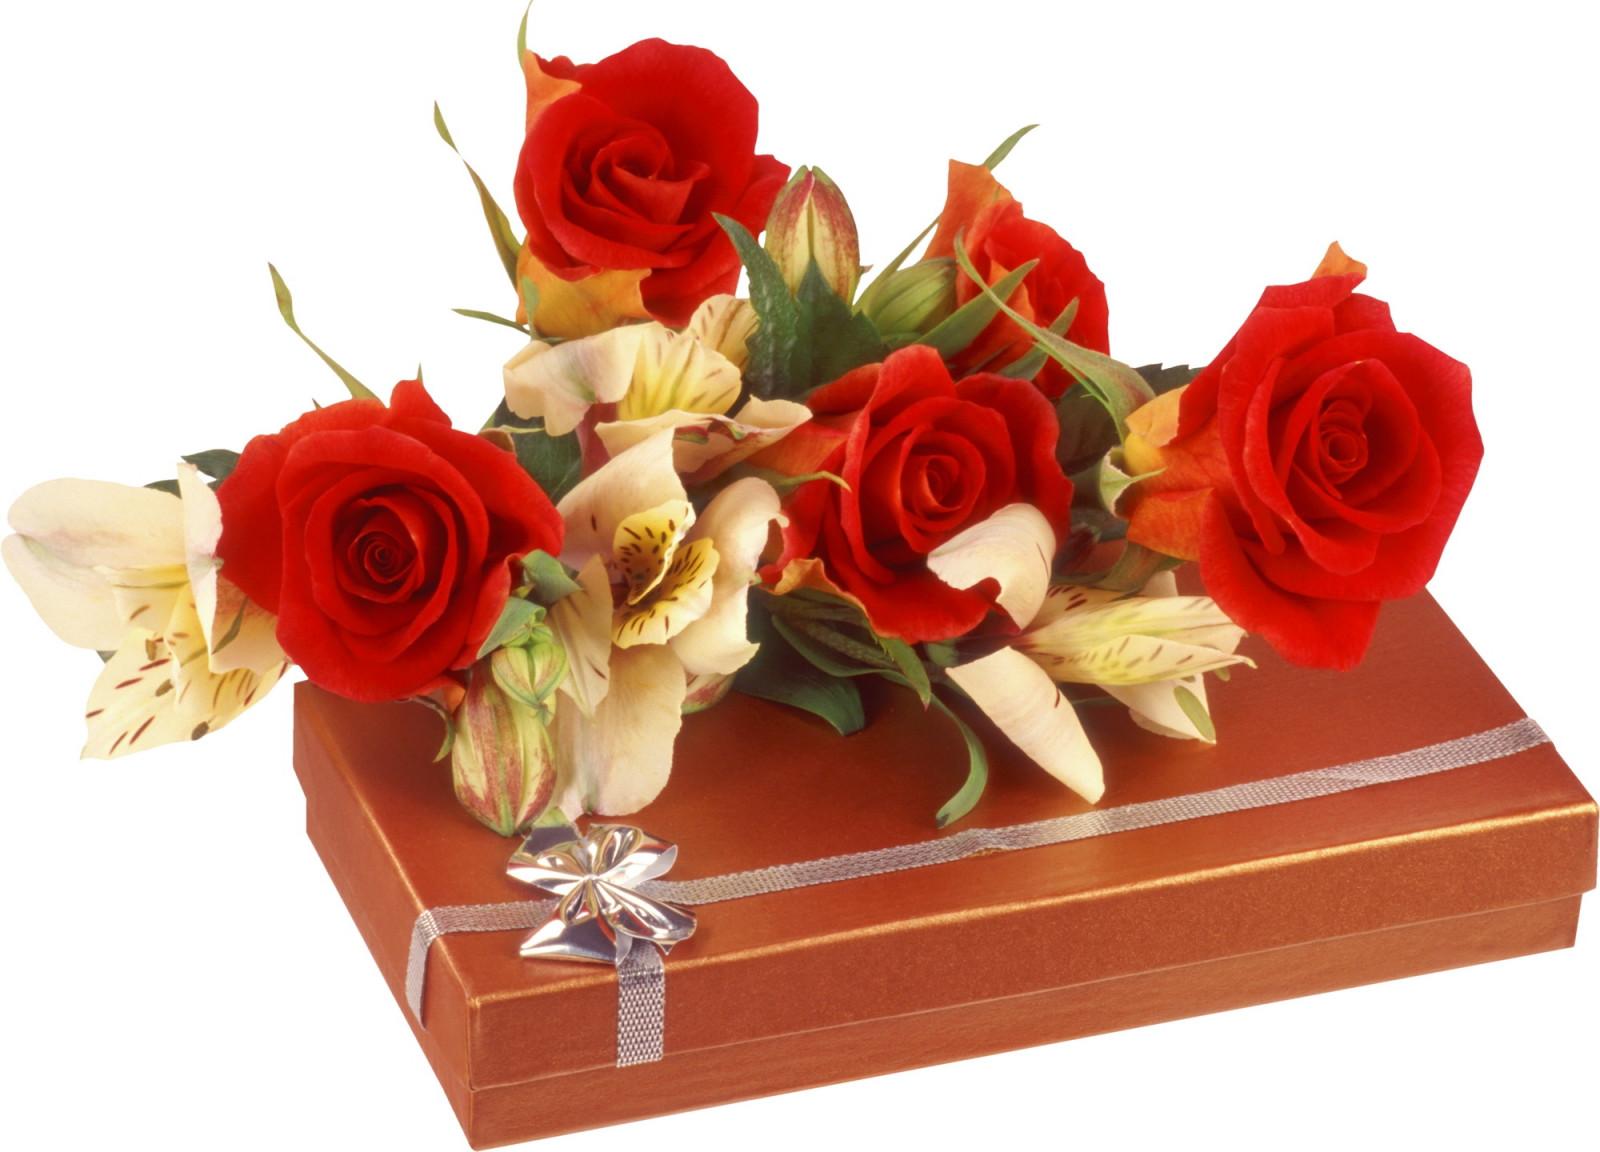 Картинками февраля, открытка спасибо за торт и цветы